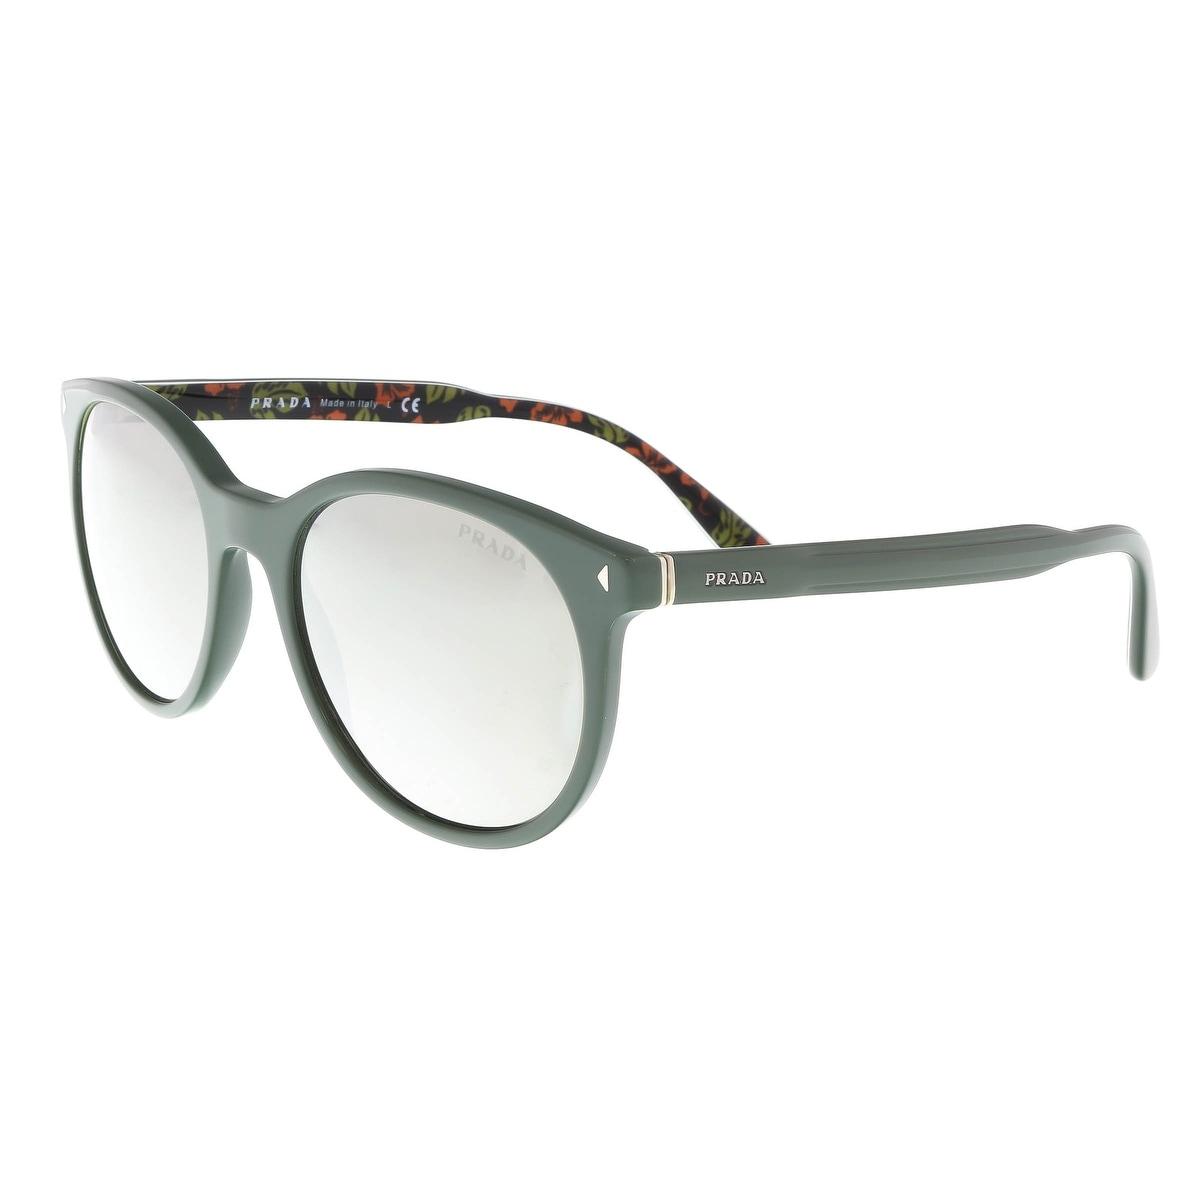 52de8c766a Prada Sunglasses